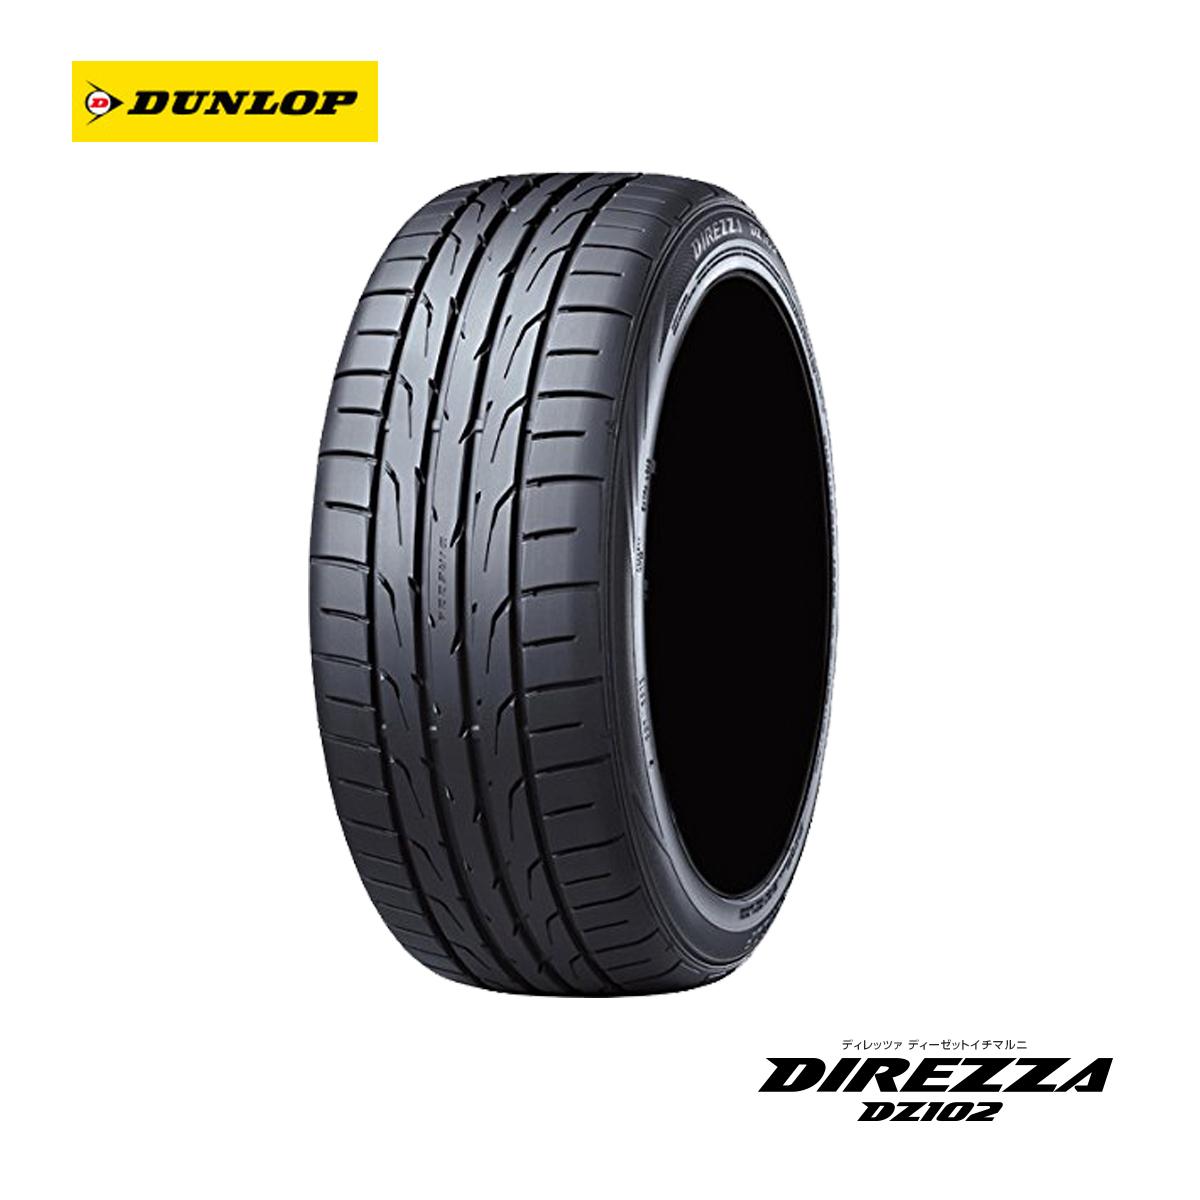 DUNLOP ダンロップ スポーツ サマータイヤ 2本 16インチ 215/50R16 DIREZZA DZ102 ディレッツァ